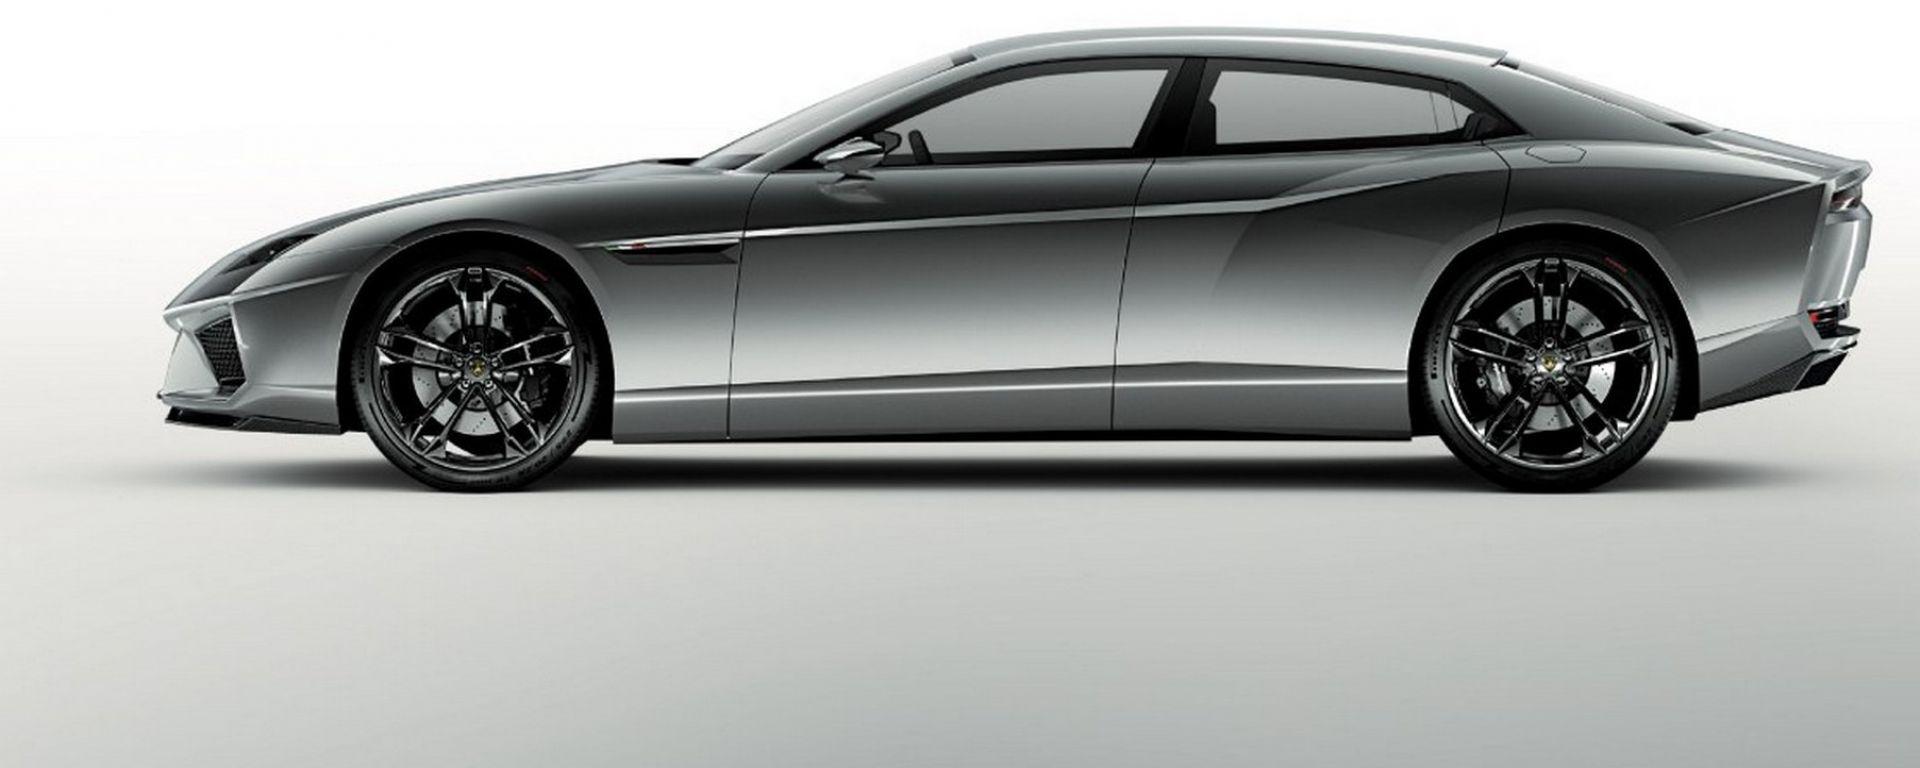 Lamborghini: sorpresa elettrica in arrivo nel 2025